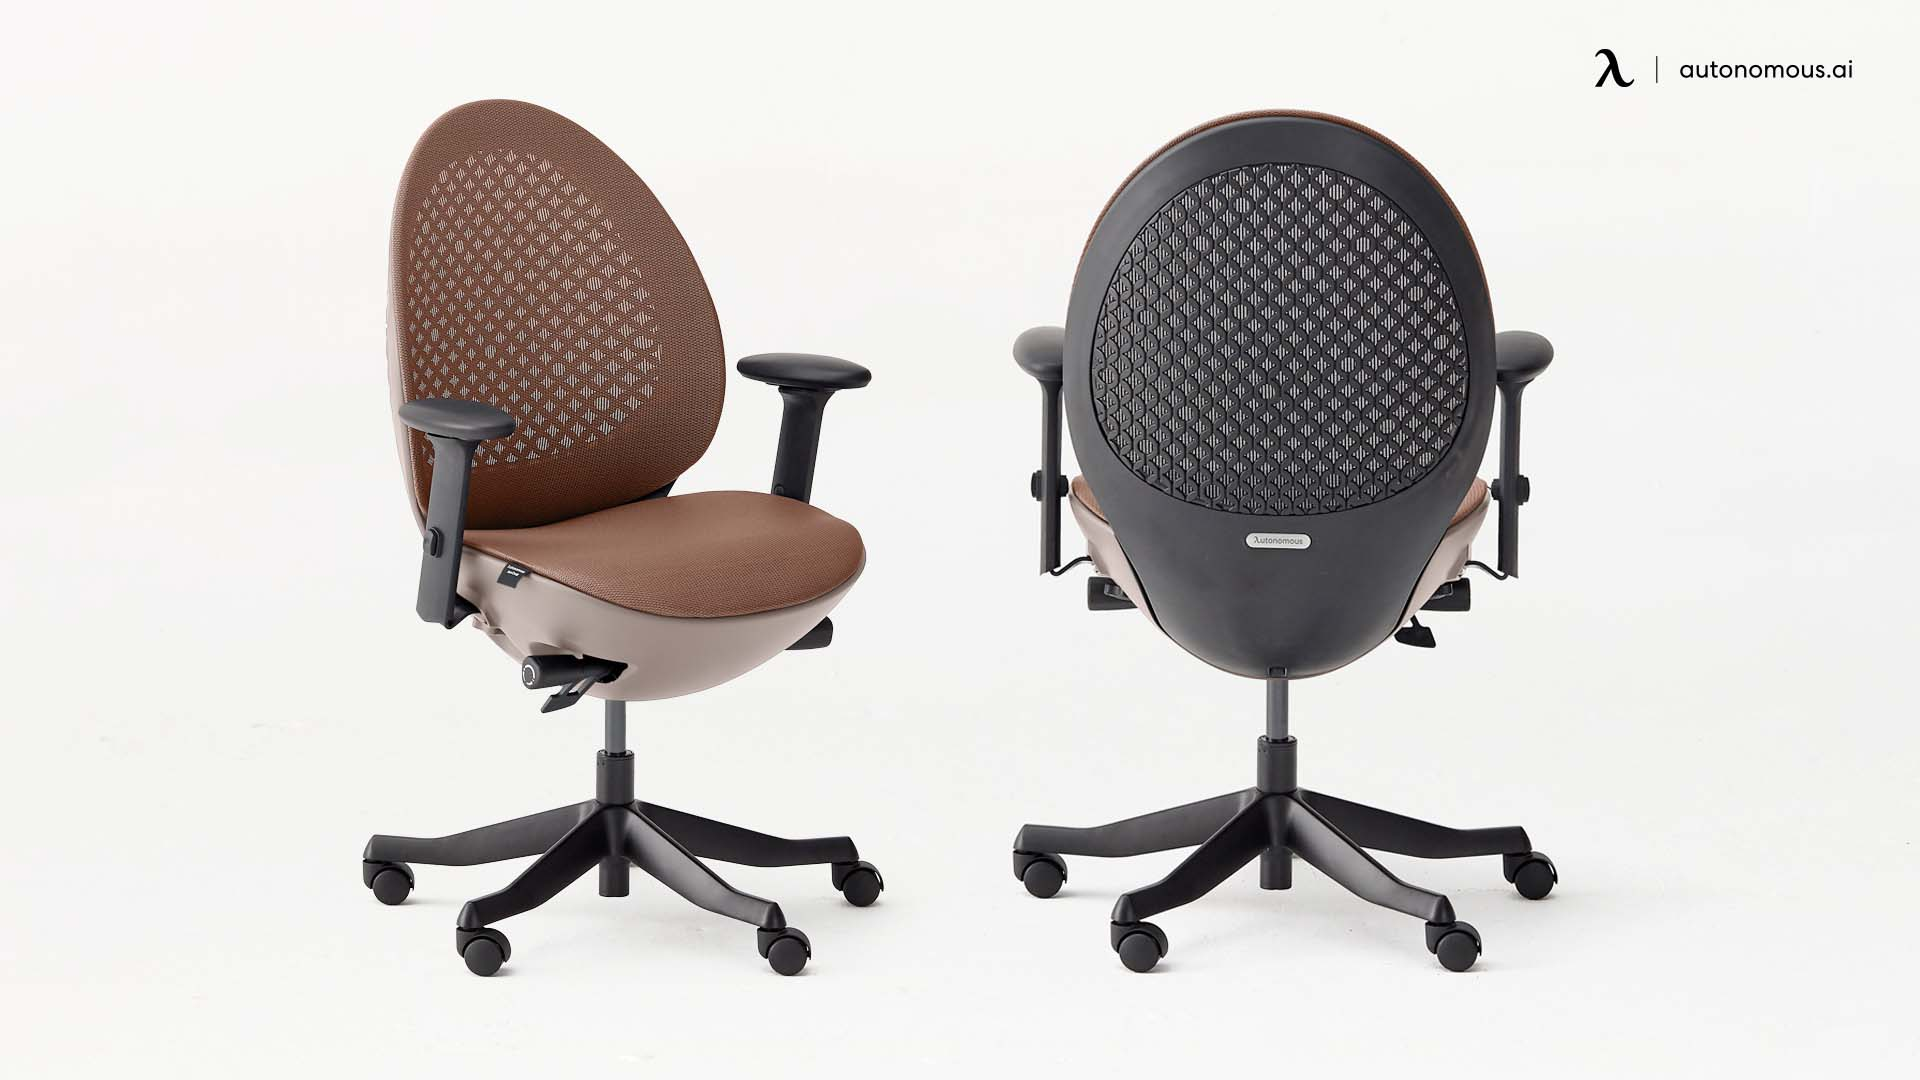 Autonomous Eco-Friendly Office Chair